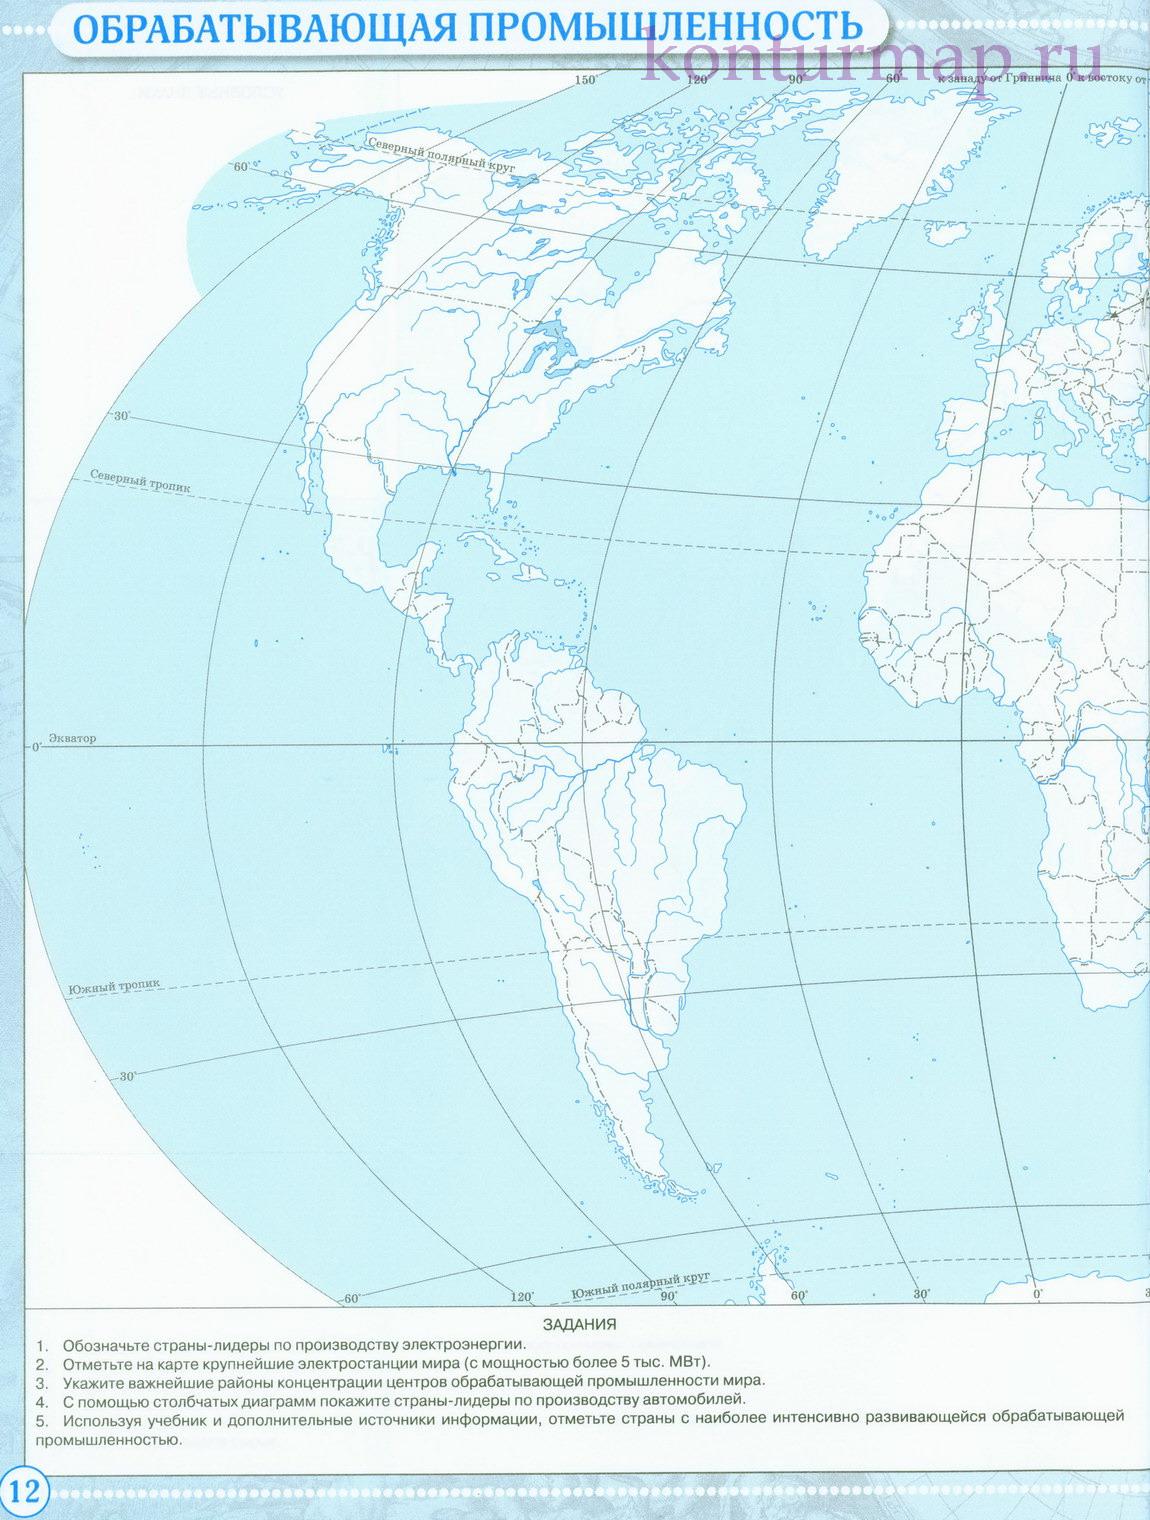 Гдз контурная карта 10 класс дрофа мировые ресурсы